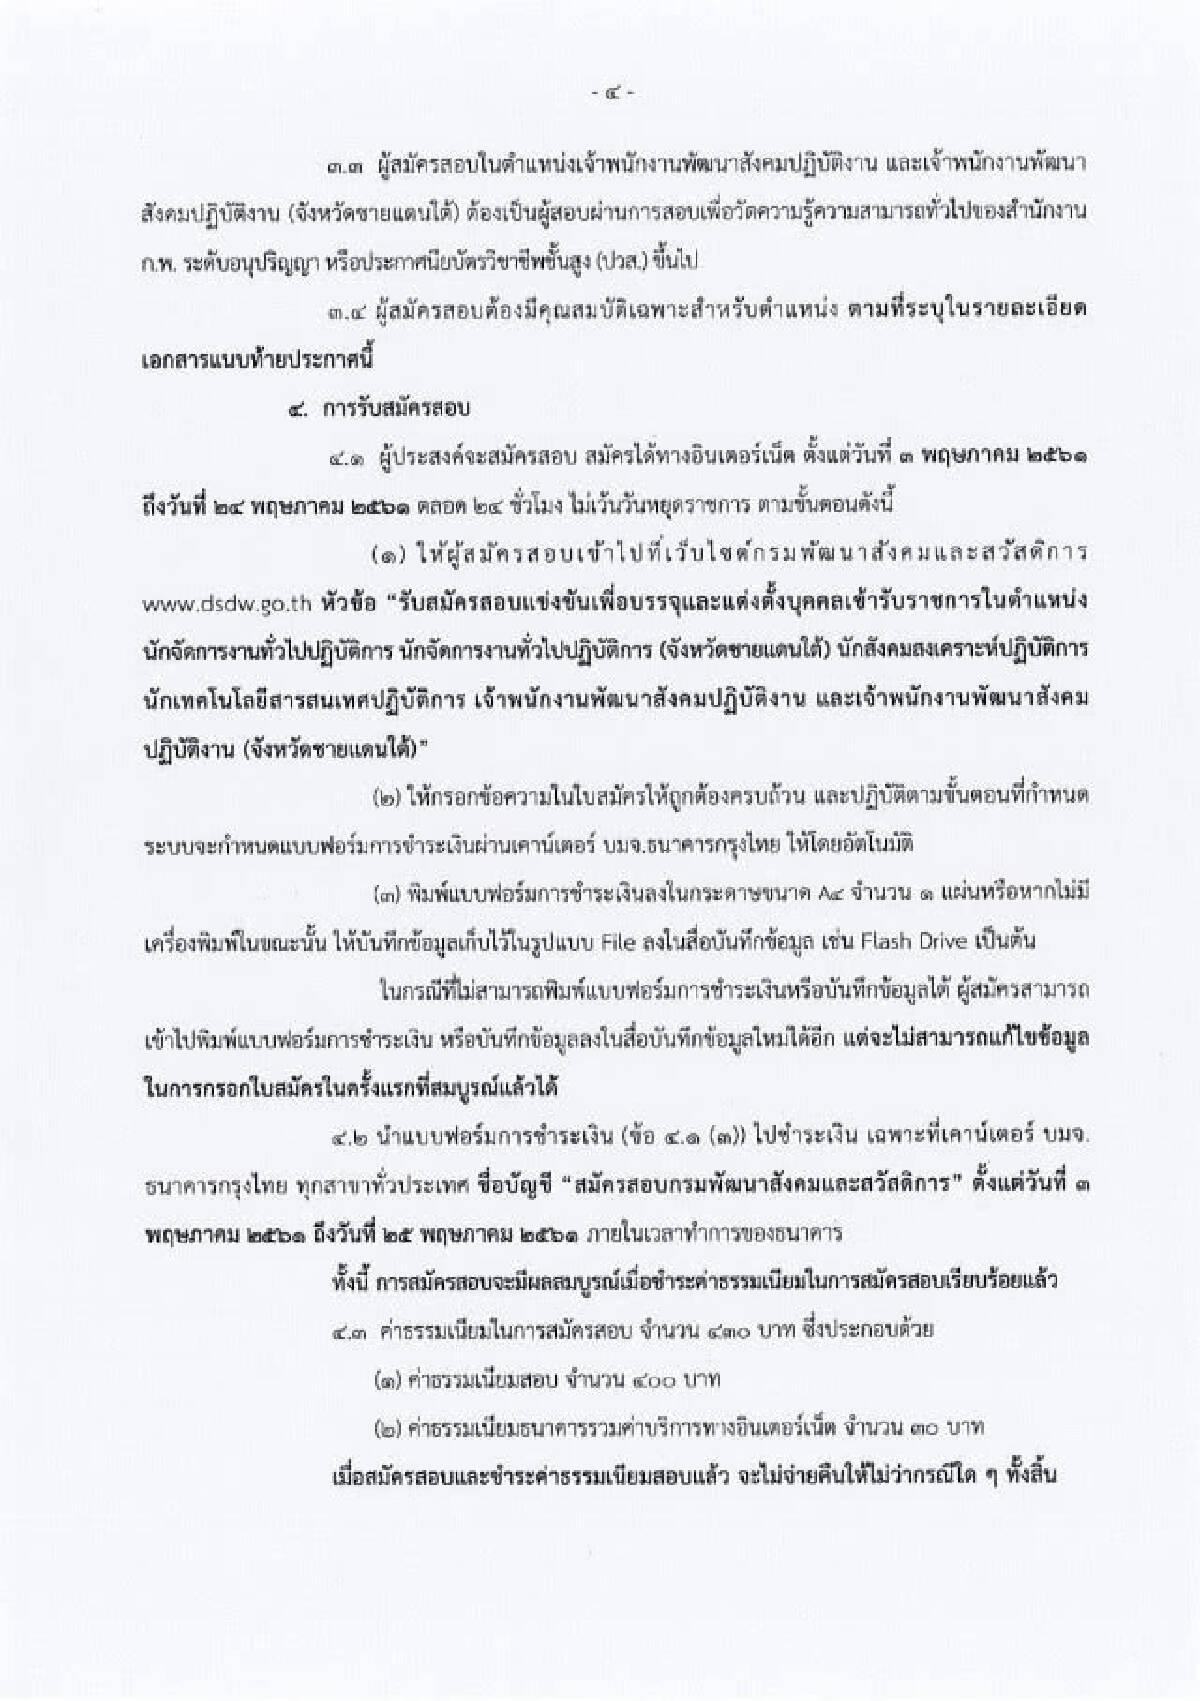 กรมพัฒนาสังคมและสวัสดิการ เปิดสอบบรรจุ 45 อัตรา วุฒิ ปวส.-ปริญญาตรี รับสมัคร 3 - 24 พ.ค. 61